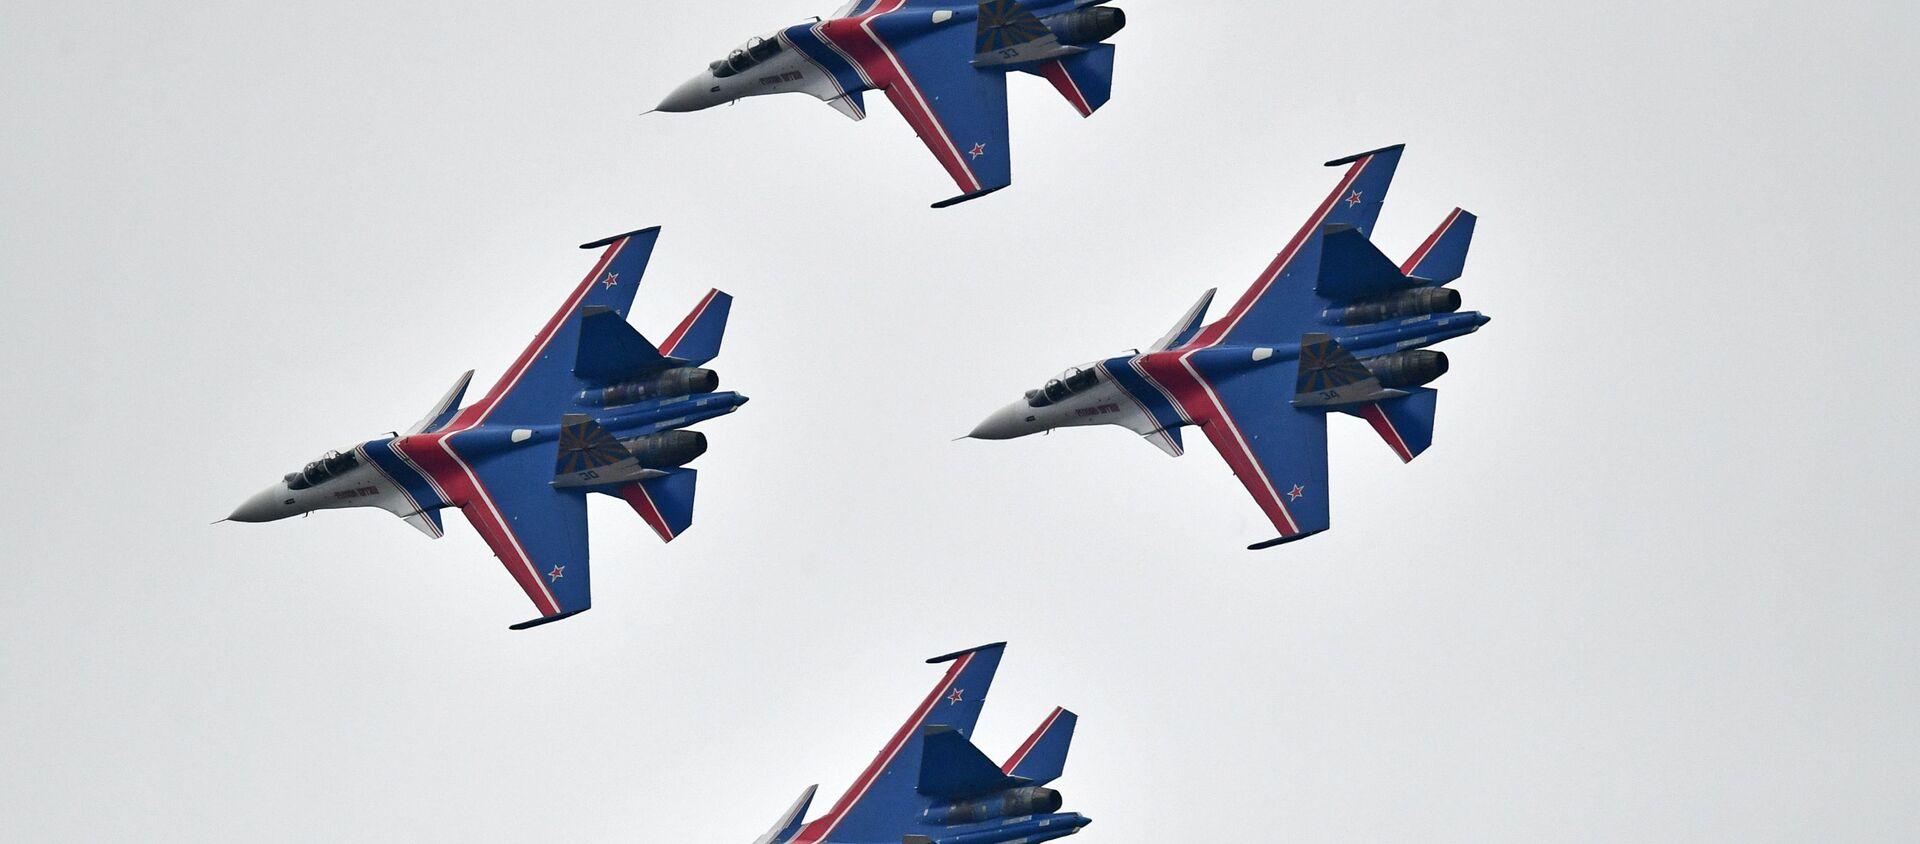 """Chiến đấu cơ Su-30SM của đội thuật lái nhào lộn Tráng sĩ Nga"""" trong cuộc tập dượt phần trên không của Diễu binh Ngày Chiến thắng. - Sputnik Việt Nam, 1920, 09.05.2020"""